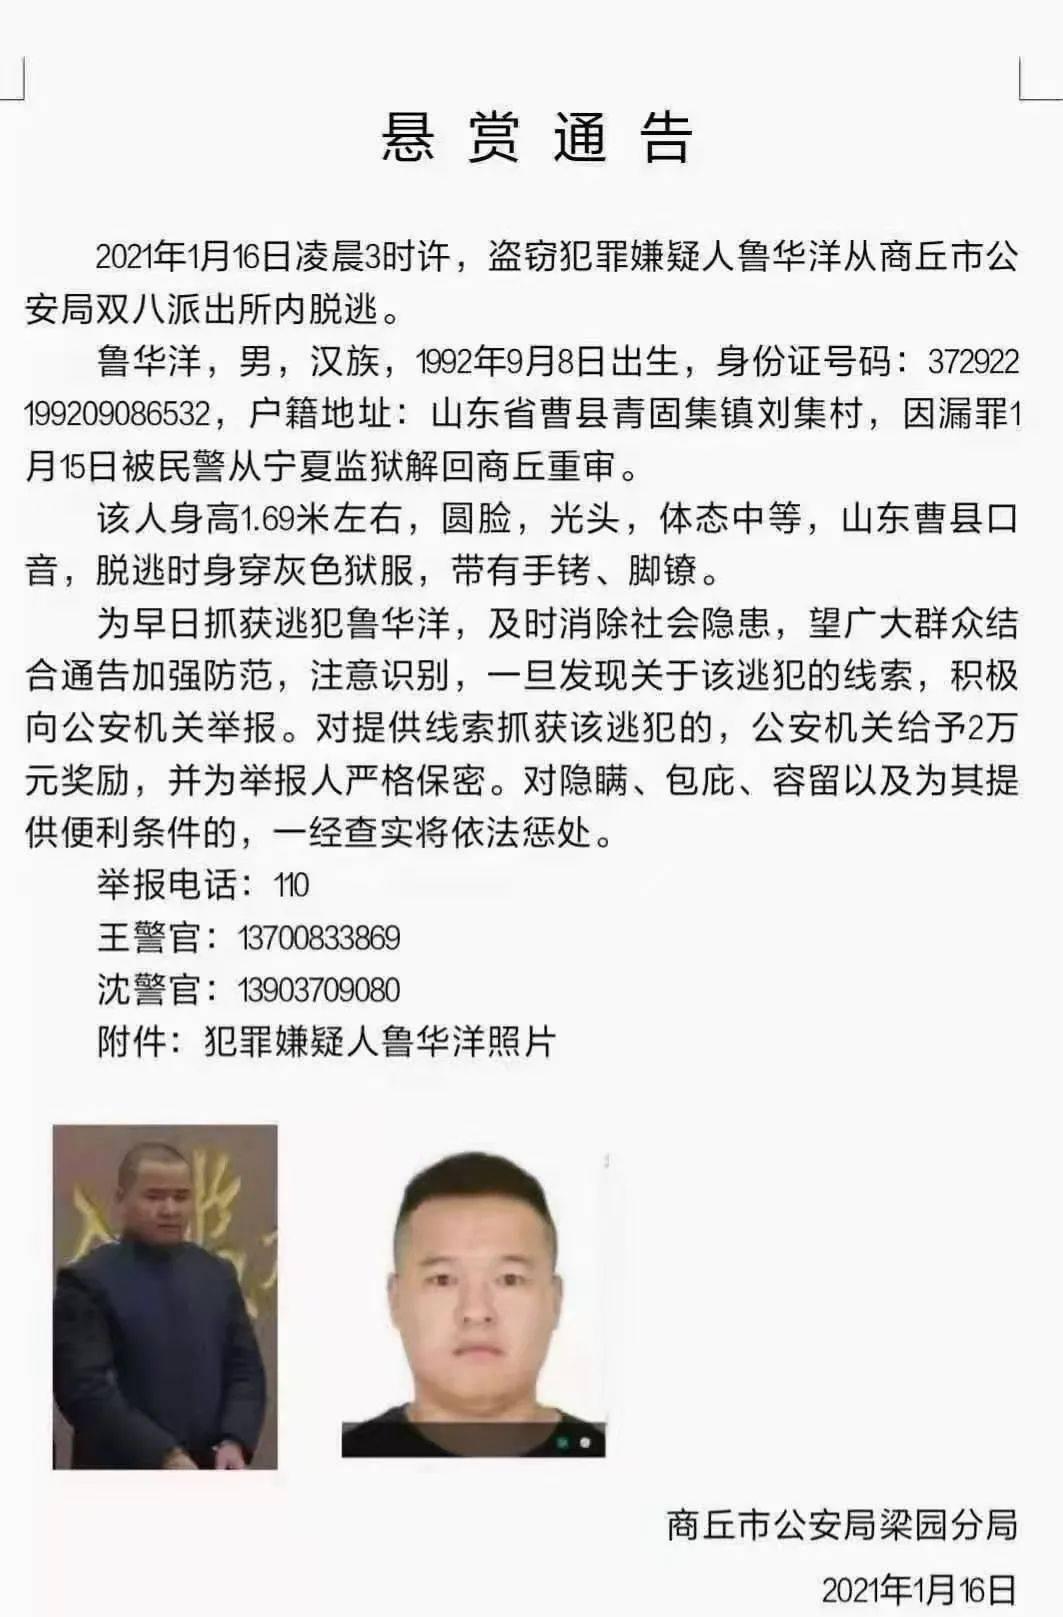 河南一嫌犯脱逃,警方发布悬赏通告!